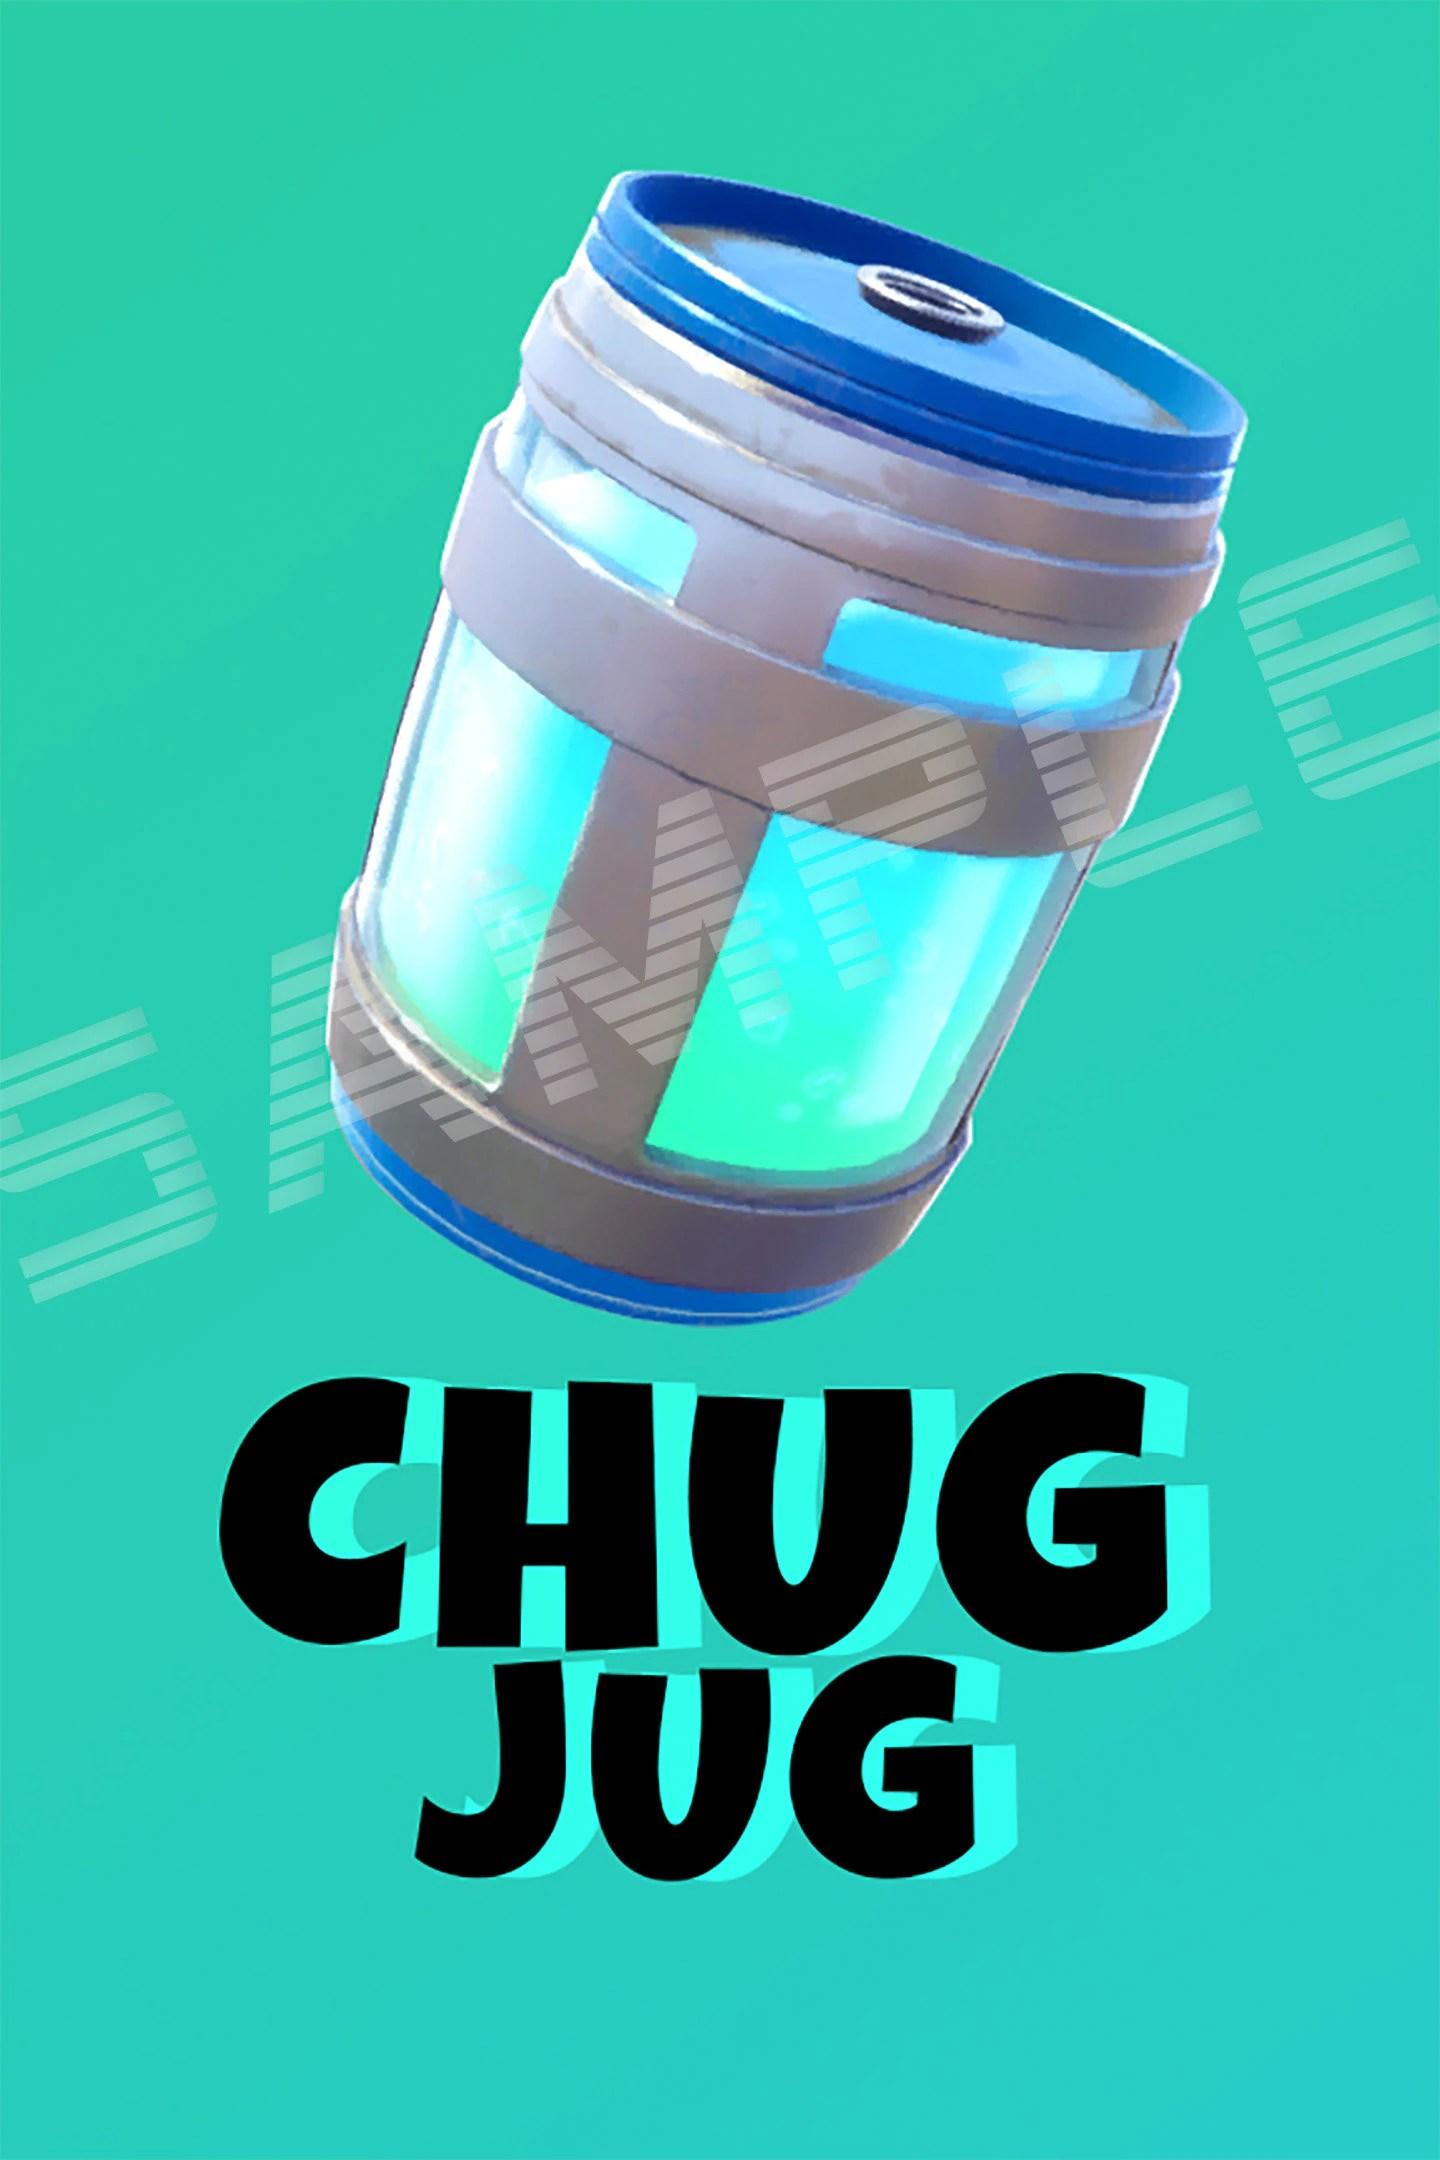 image regarding Chug Jug Printable known as Chug Jug Fortnite -